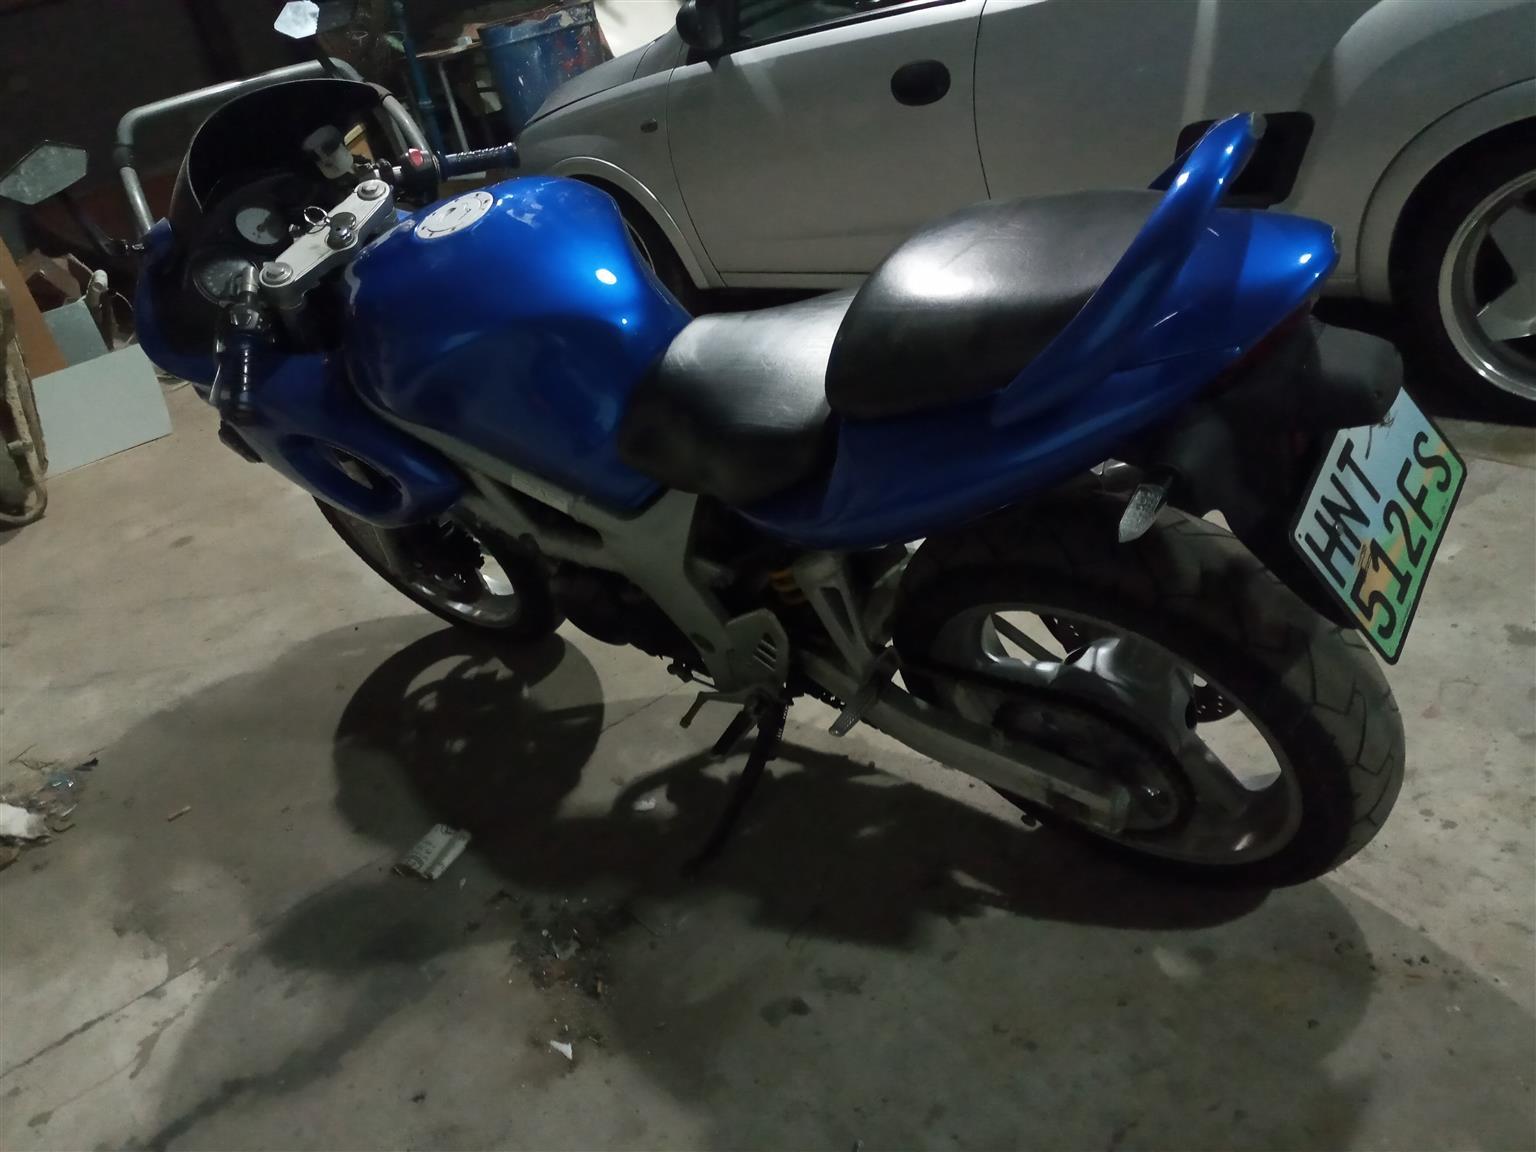 Suzuki SV650 for sale.km 50300